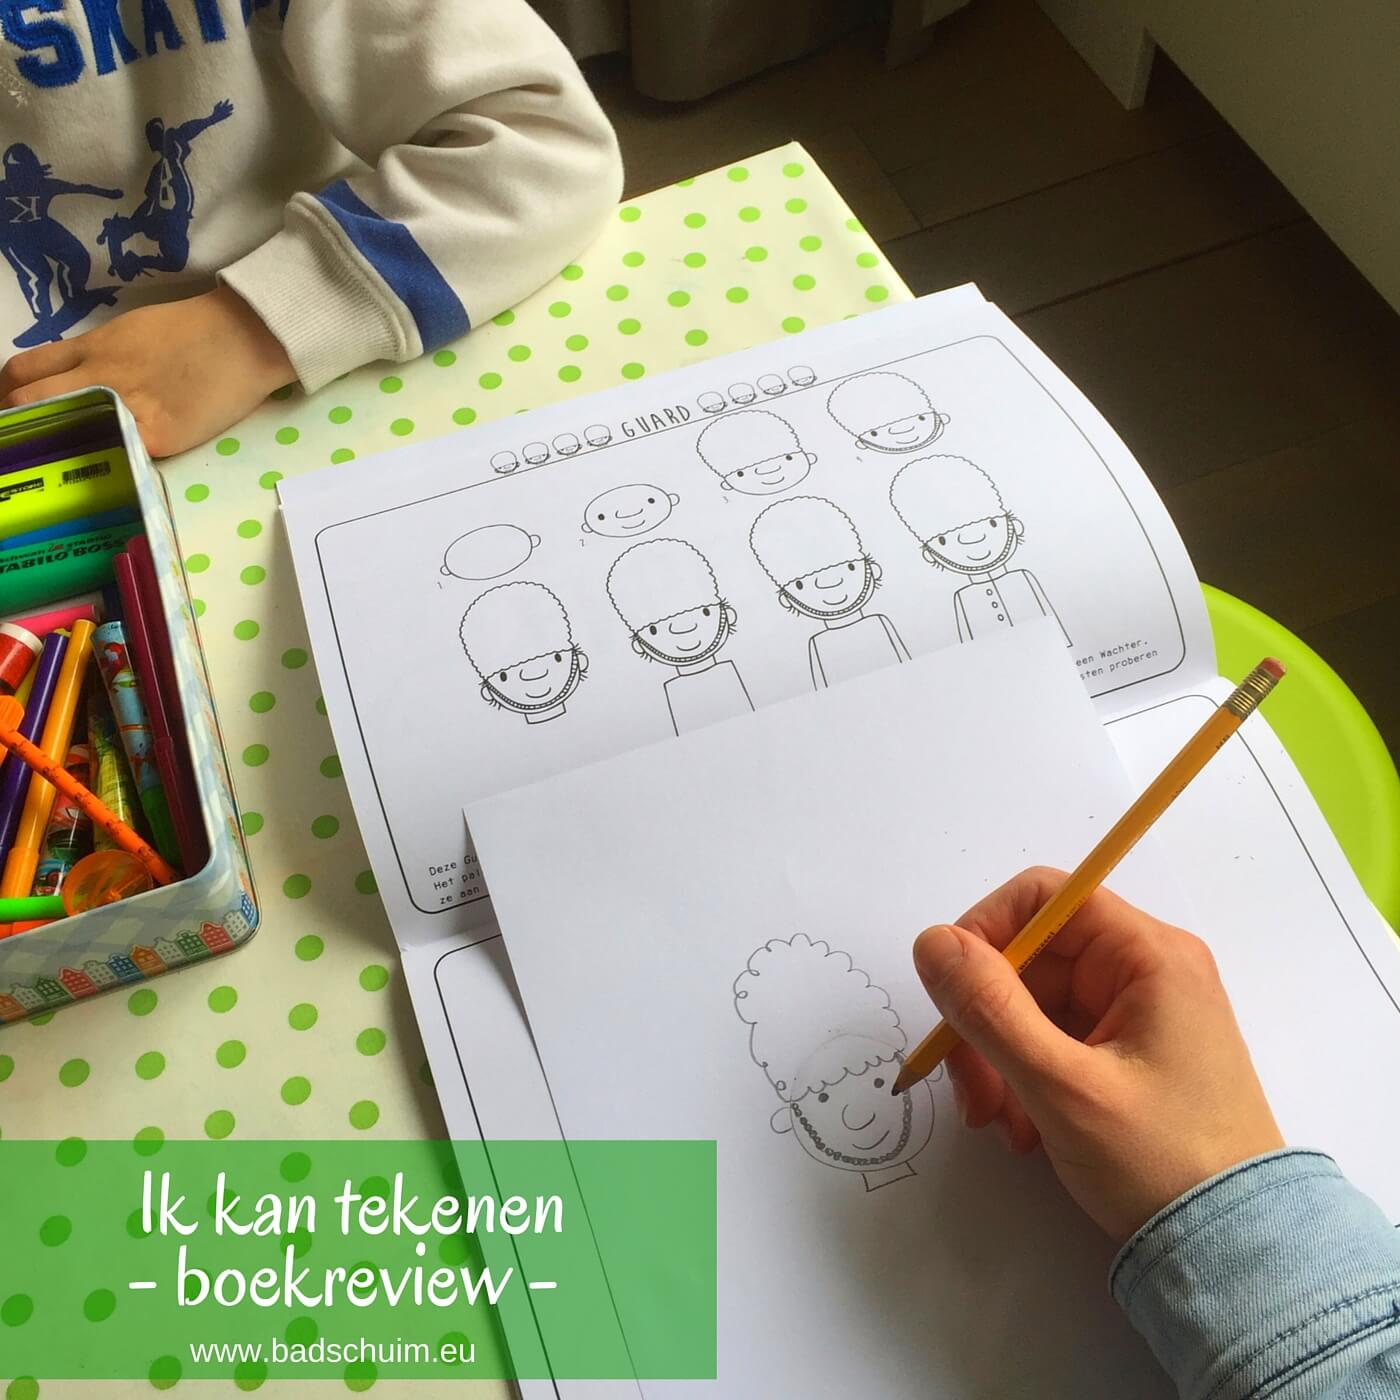 Iedereen kan tekenen!Met de 'Ik kan tekenen' doeboeken leer je het stap voor stap. Dat lijkt gemakkelijk & is het ook!Lees onze review van het vakantieboek!